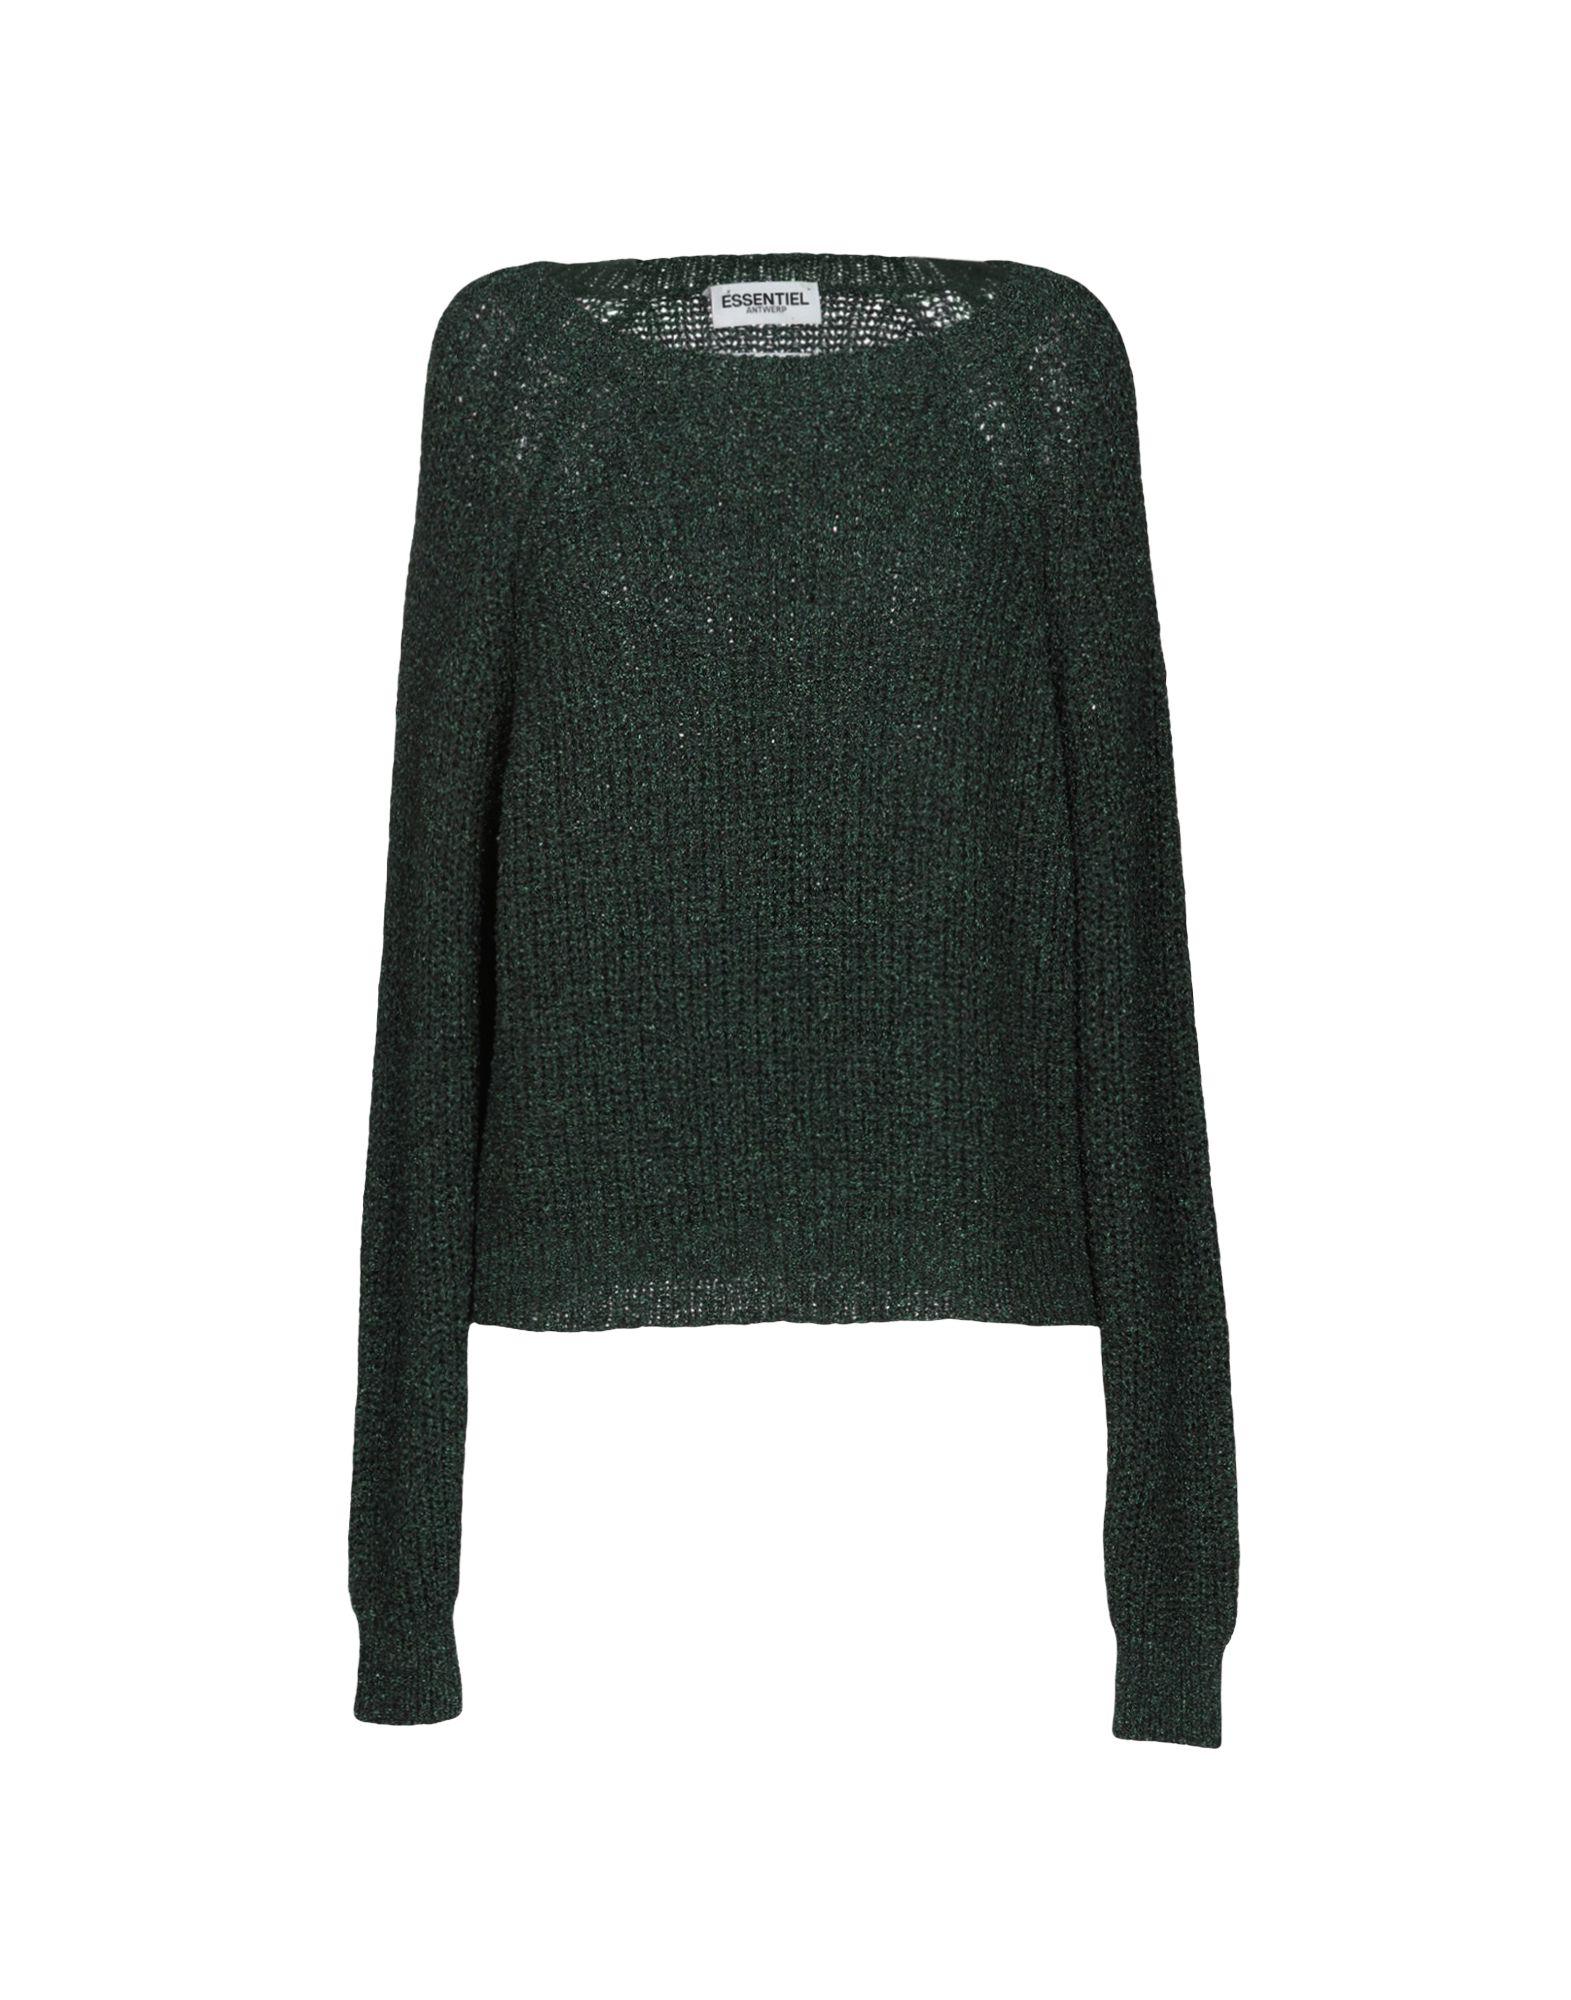 ESSENTIEL ANTWERP Свитер essentiel antwerp свитер